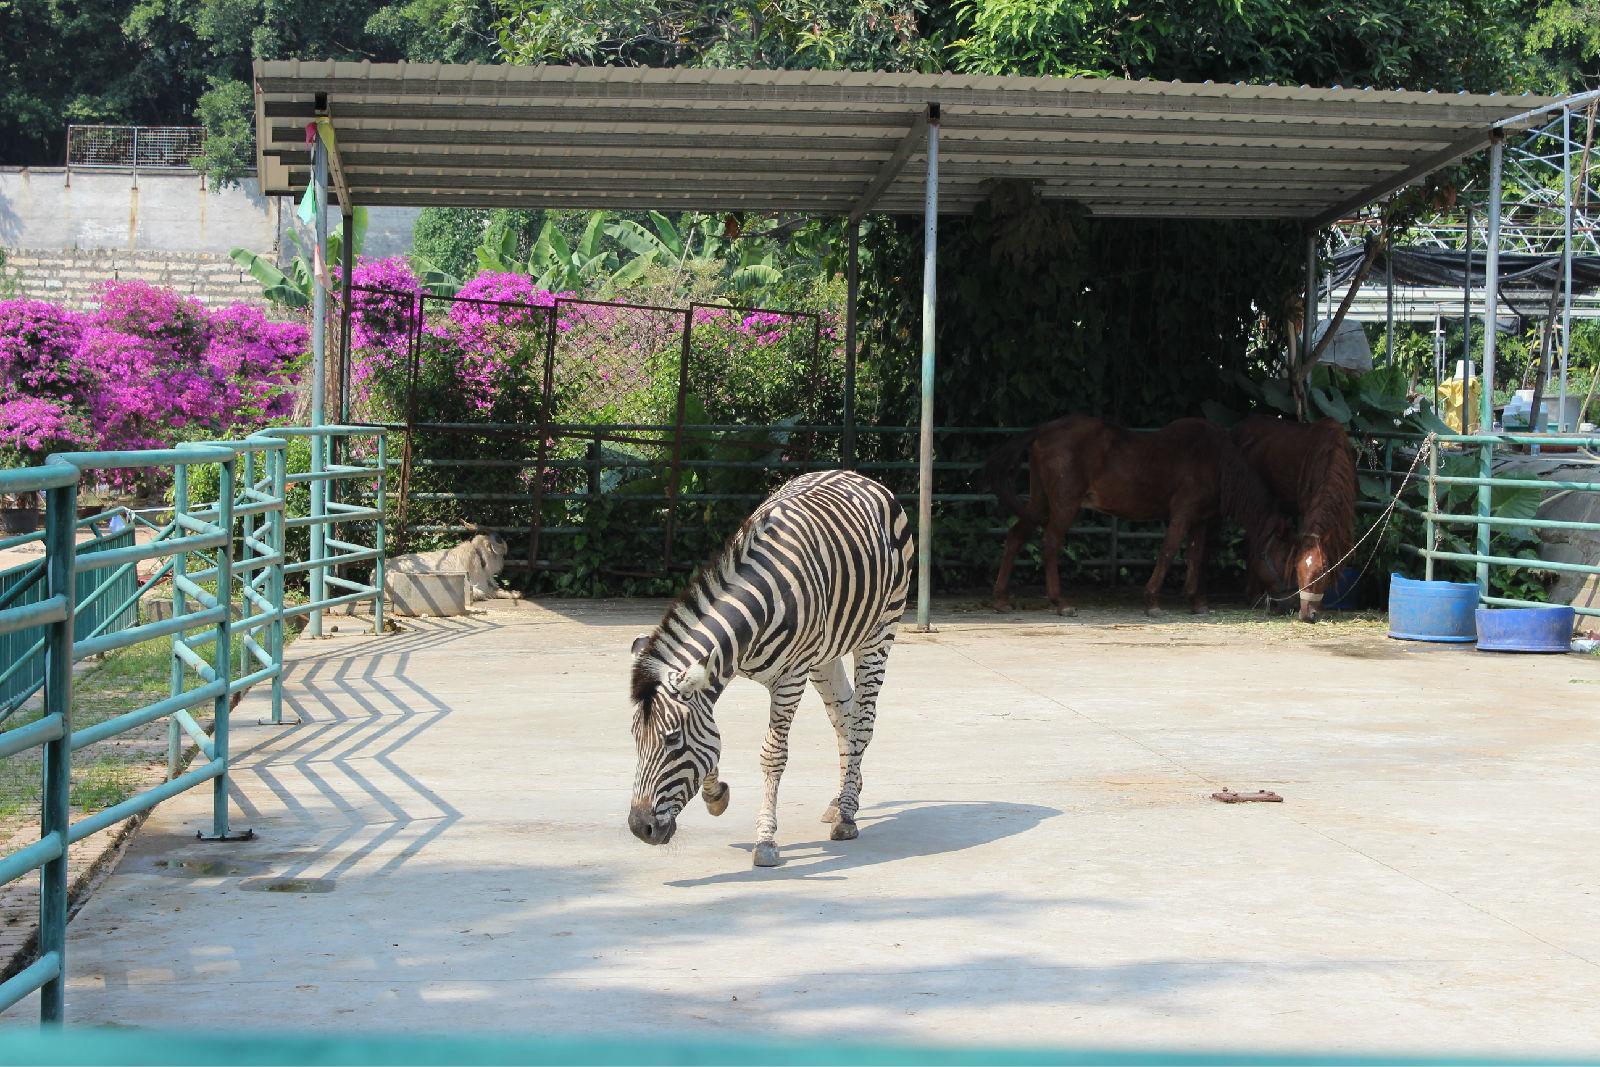 漳州动物园_漳州动物园旅游攻略_百度旅游